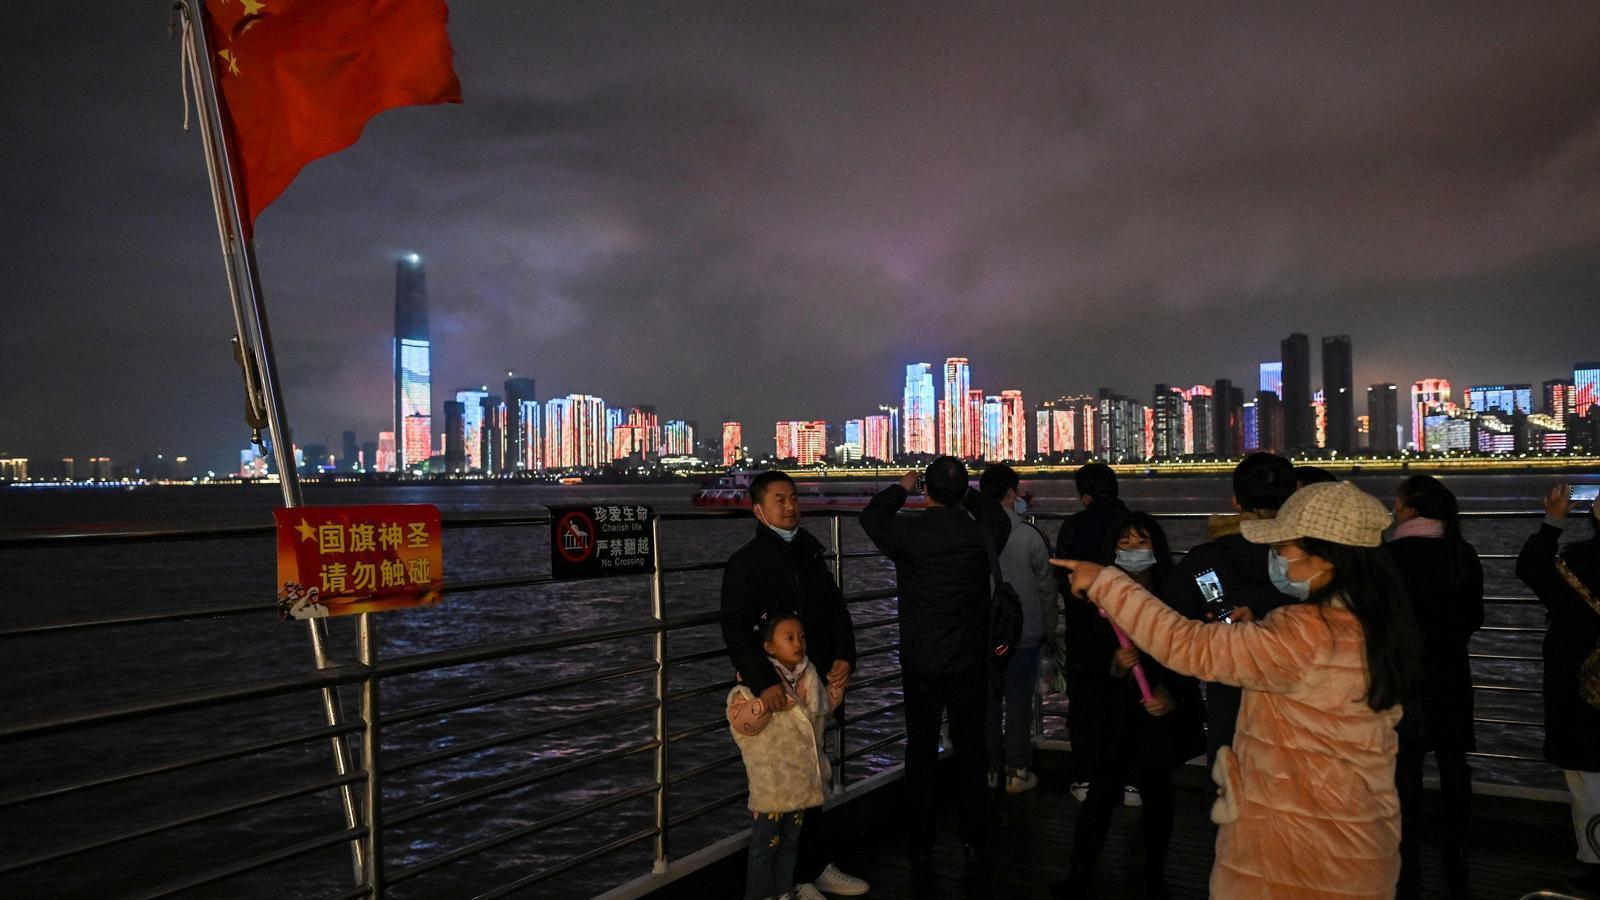 Ciutadans de Wuhan creuant el riu Tangtze en un ferry, aquest dimarts